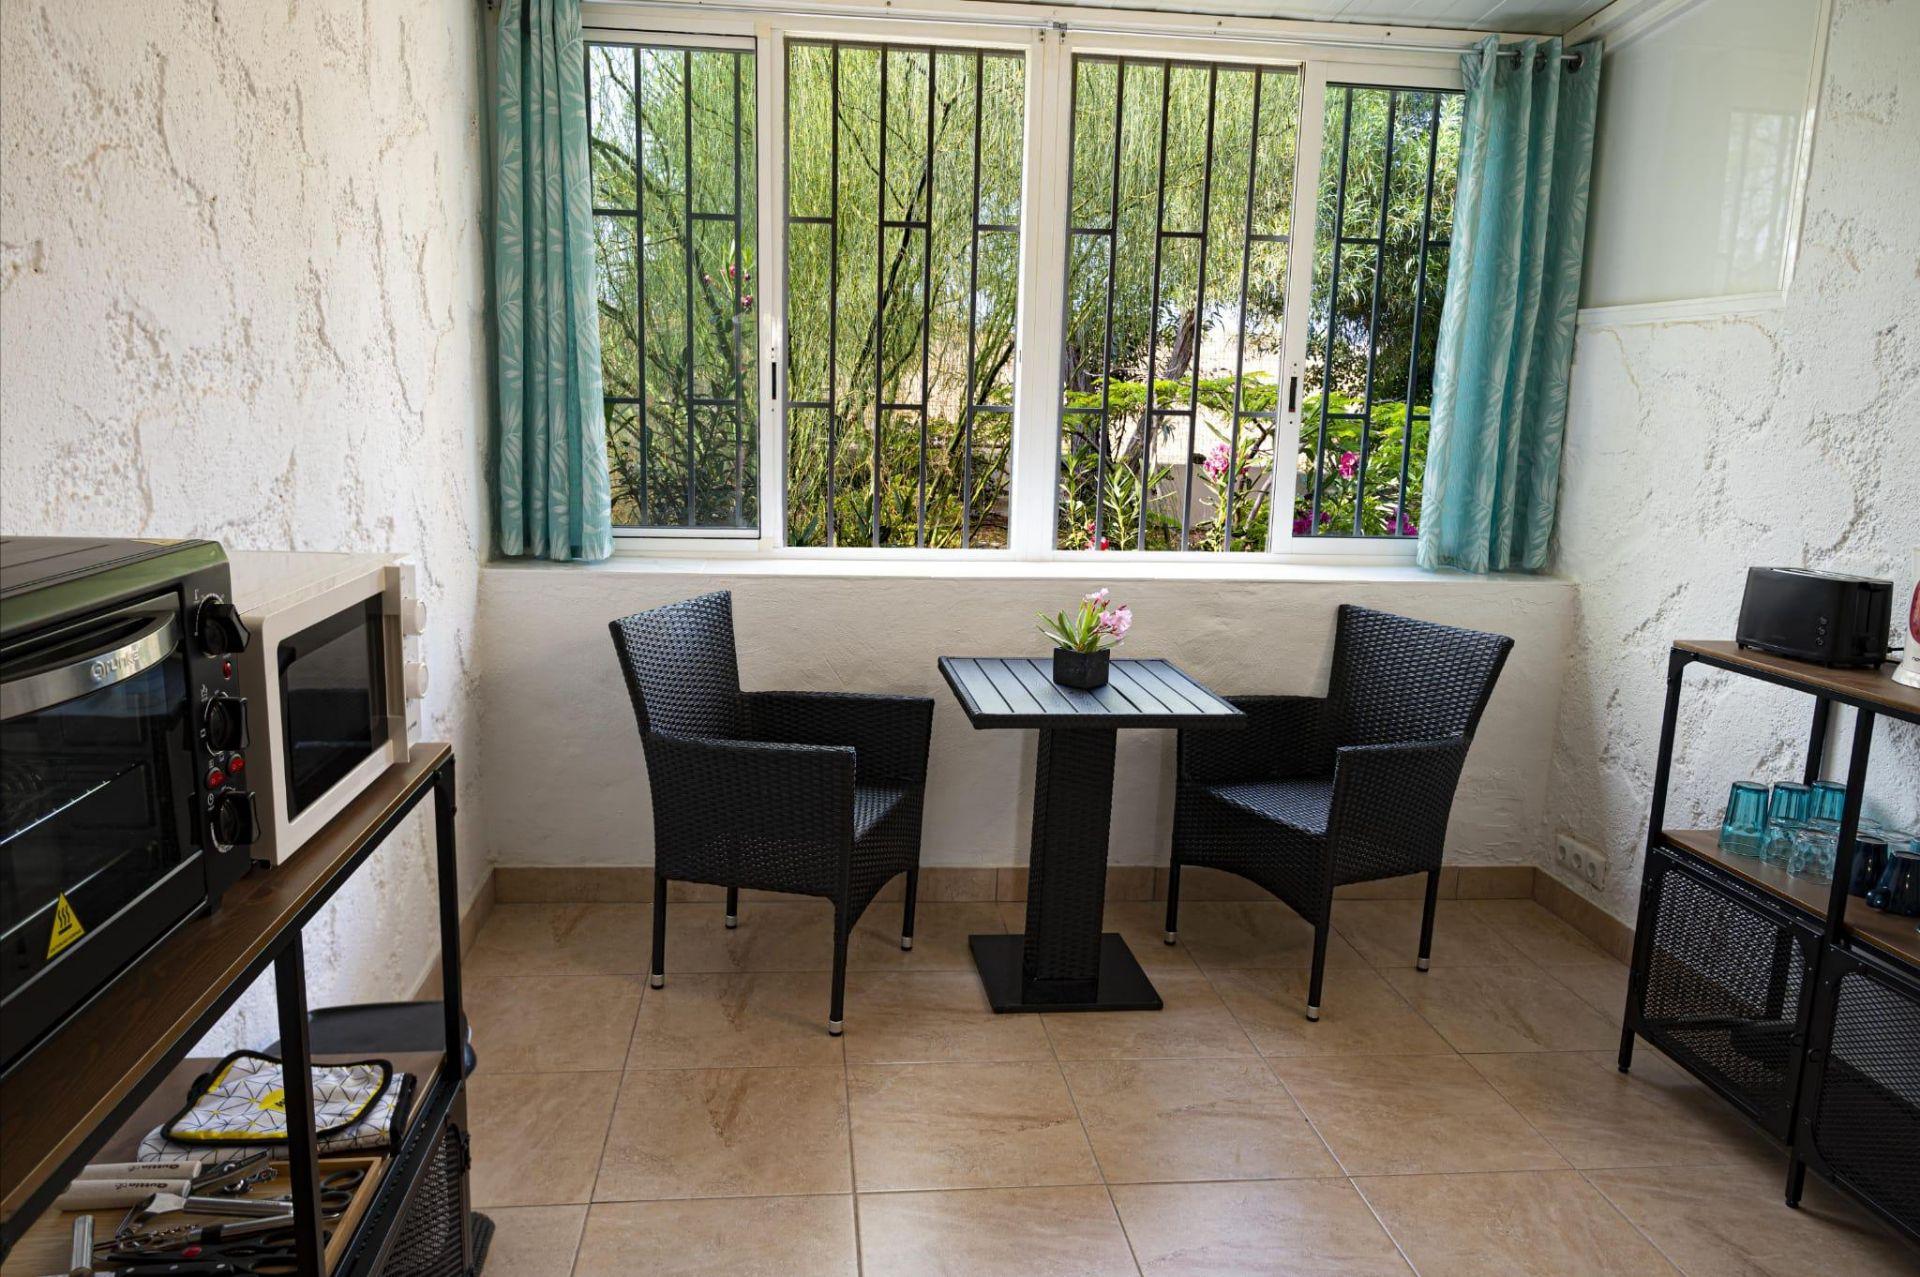 Sehr schönes Studio von 33m² im Komplex El Chaparral (Phase II), an der Costa del .... mehr Info